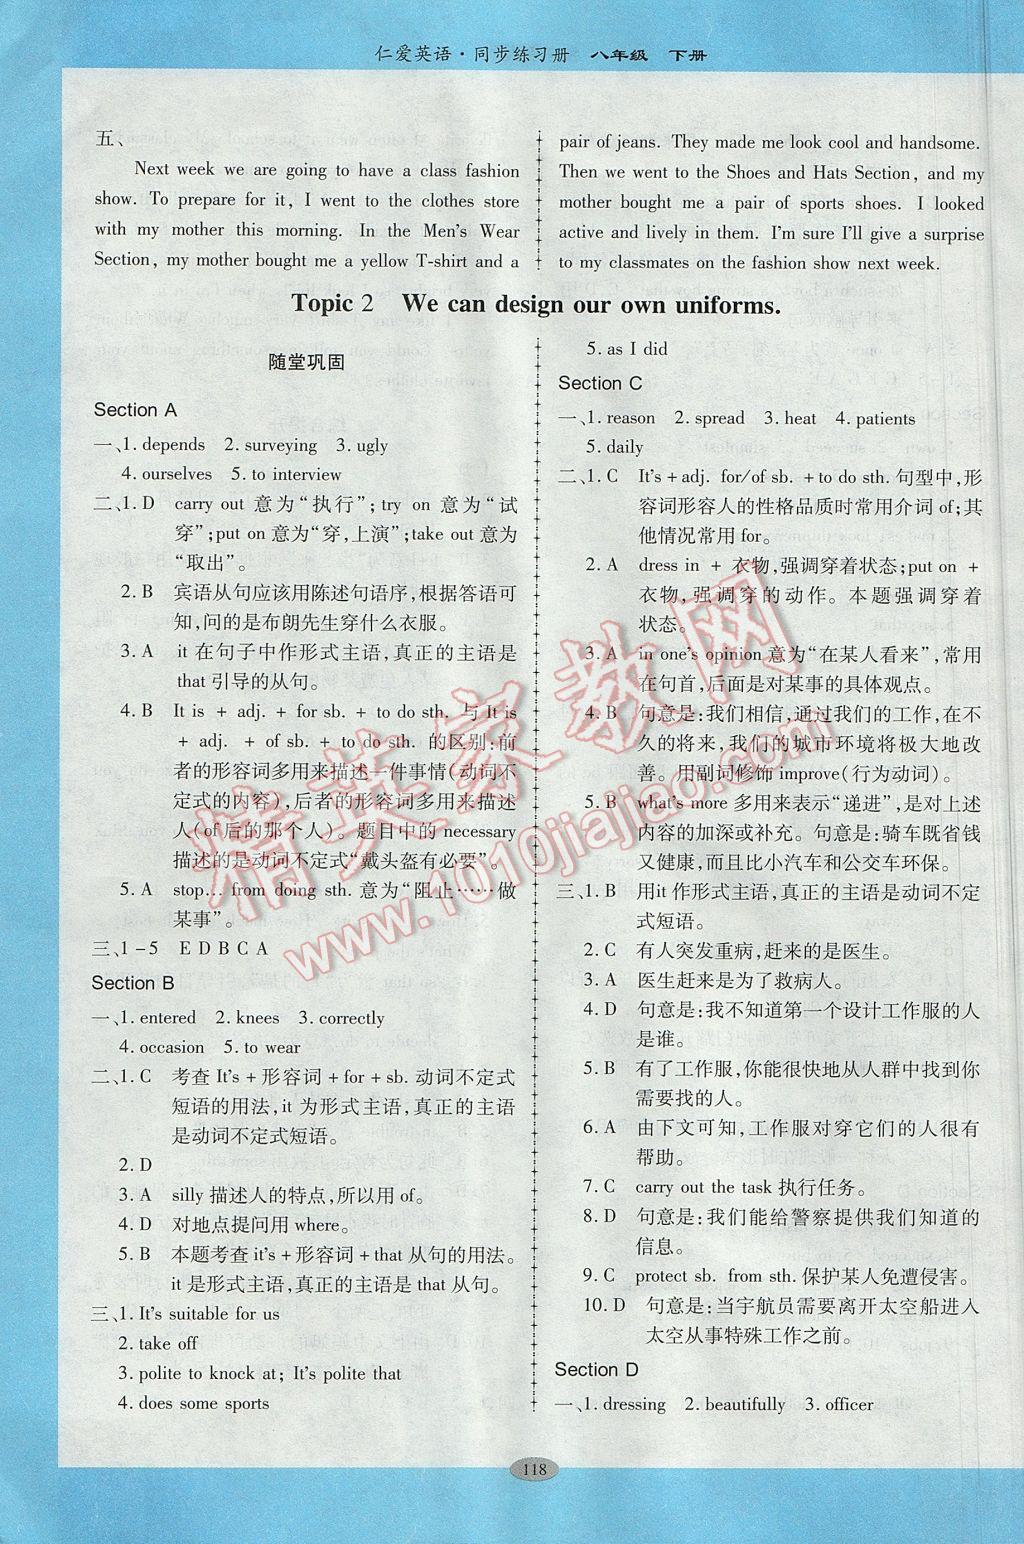 2017年仁爱英语同步练习册八年级下册双色版参考答案第21页